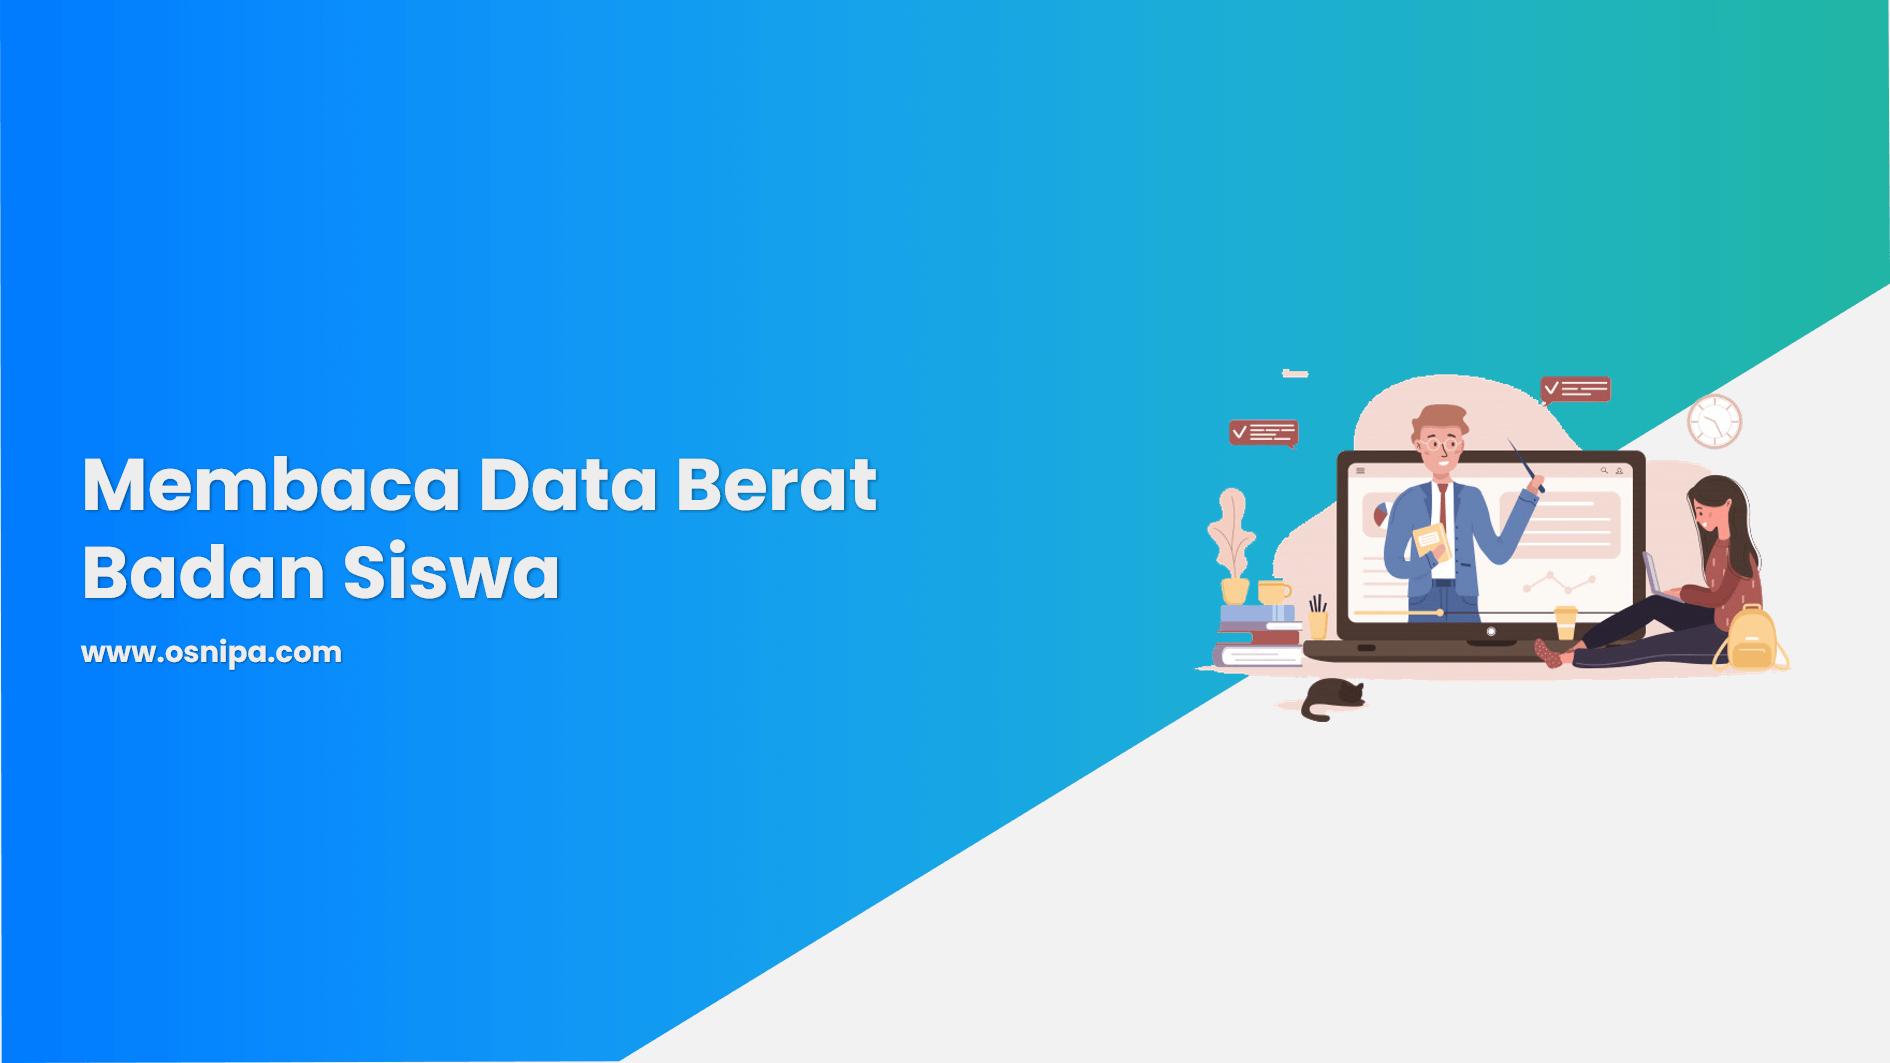 Membaca Data Berat Badan Siswa